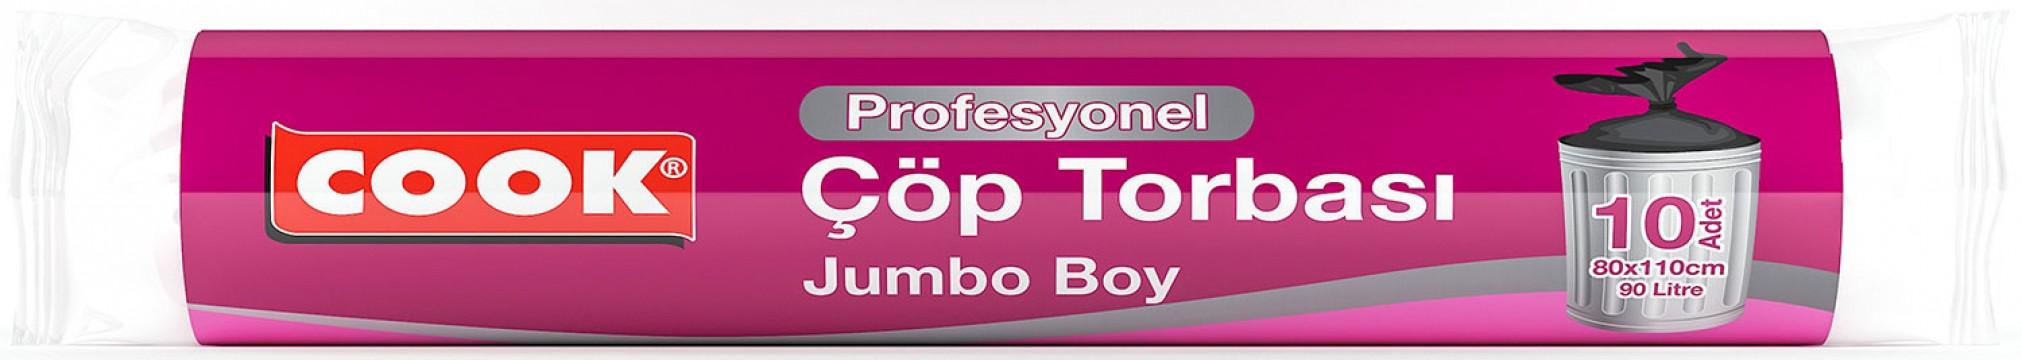 Cook Profesyonel Çöp Torbası Jumbo Boy Çöp Poşeti